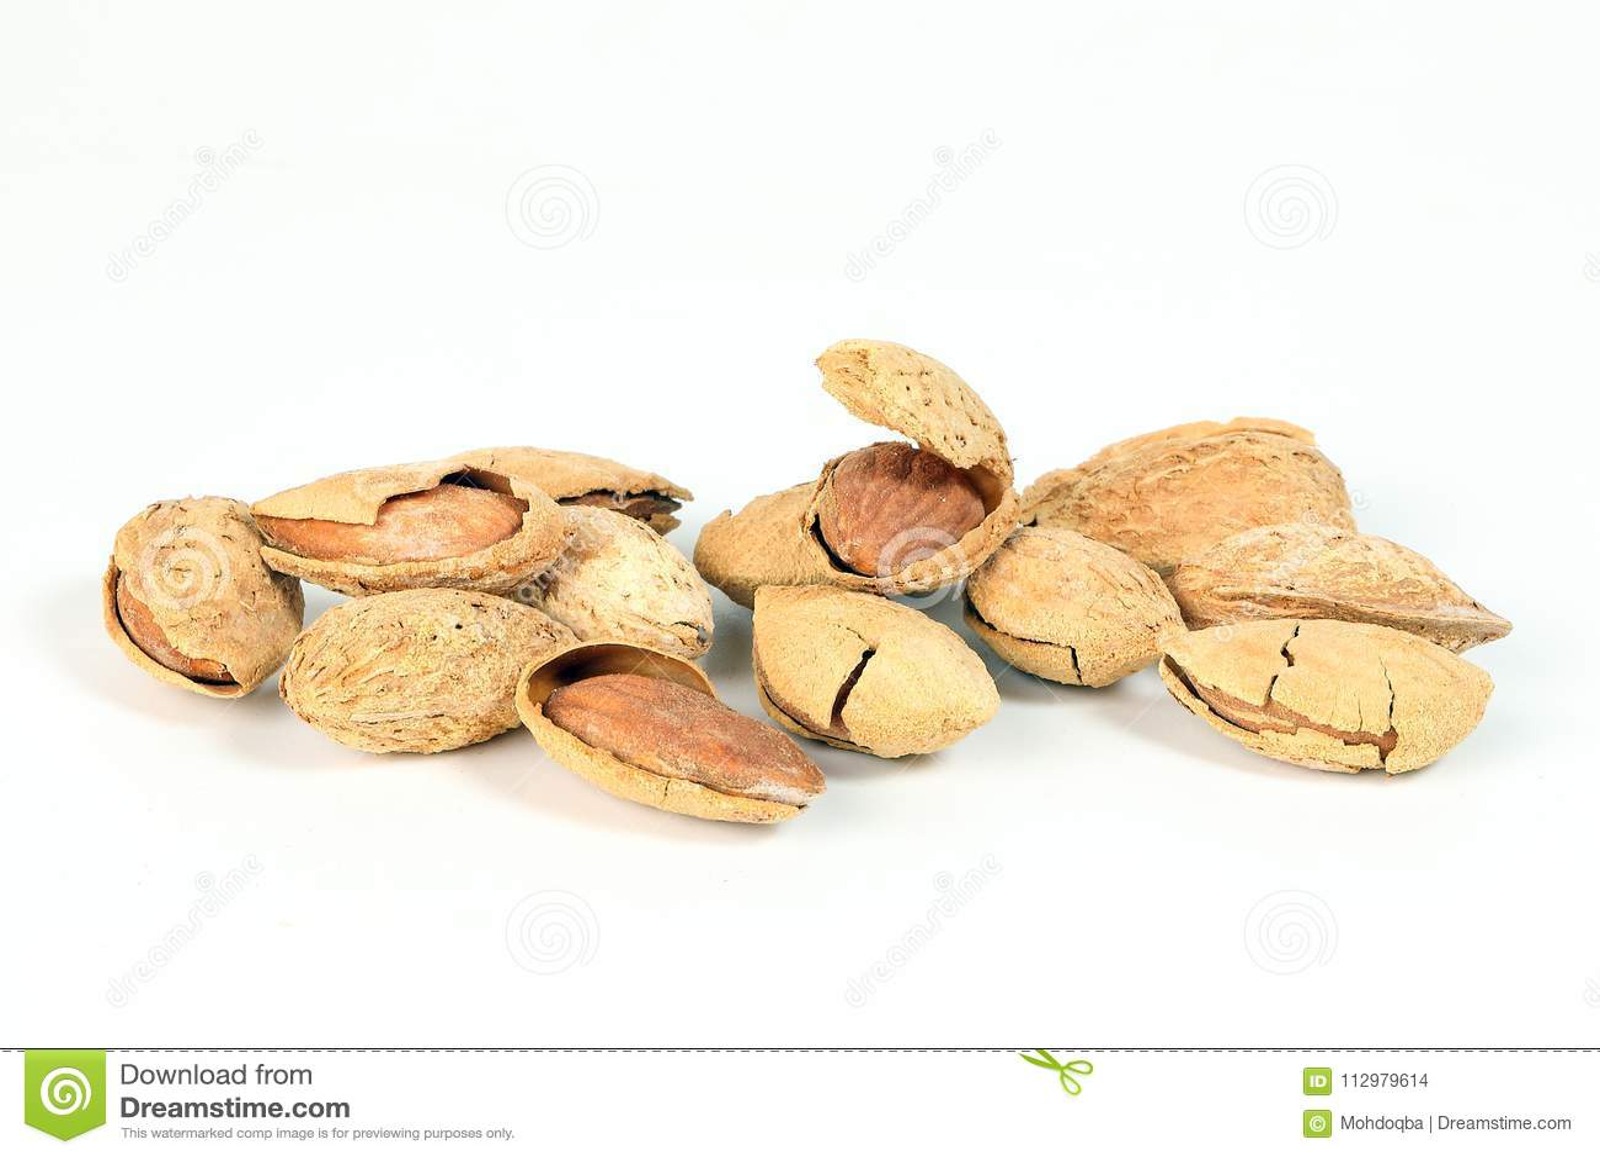 Almond nut in shell